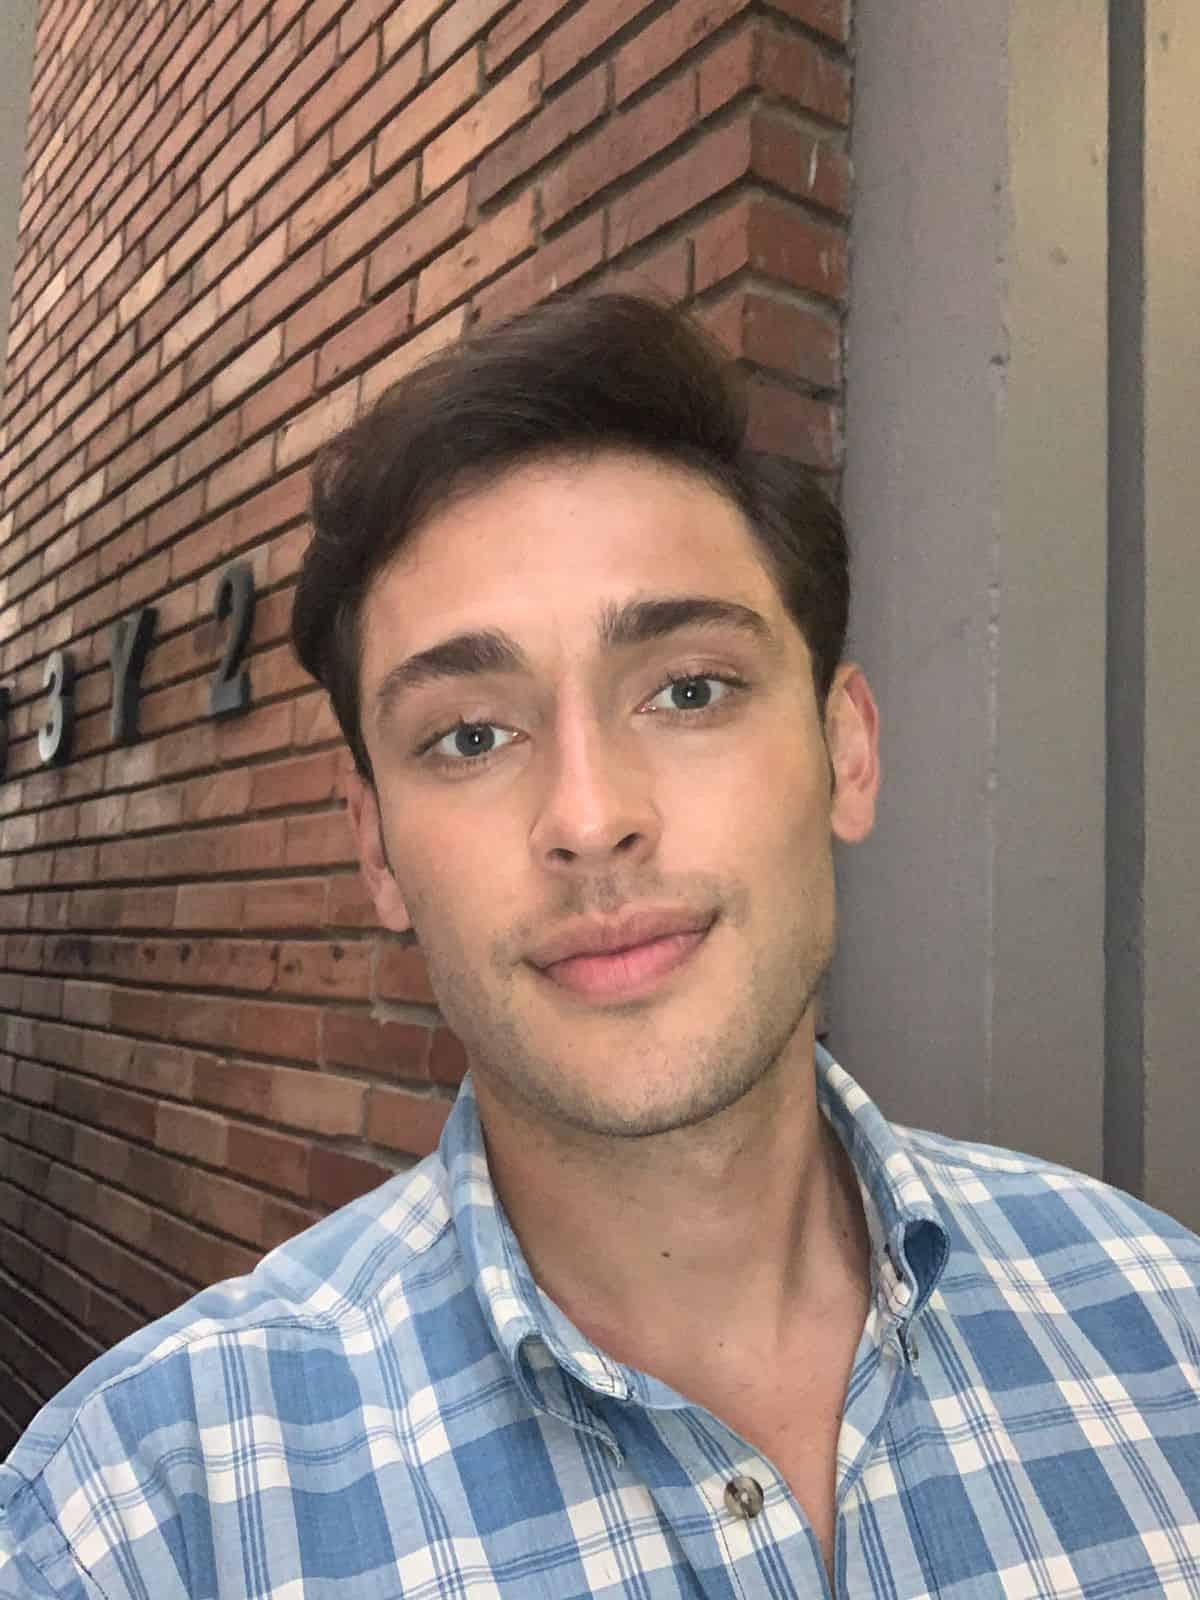 Carlos Báez pelo liso